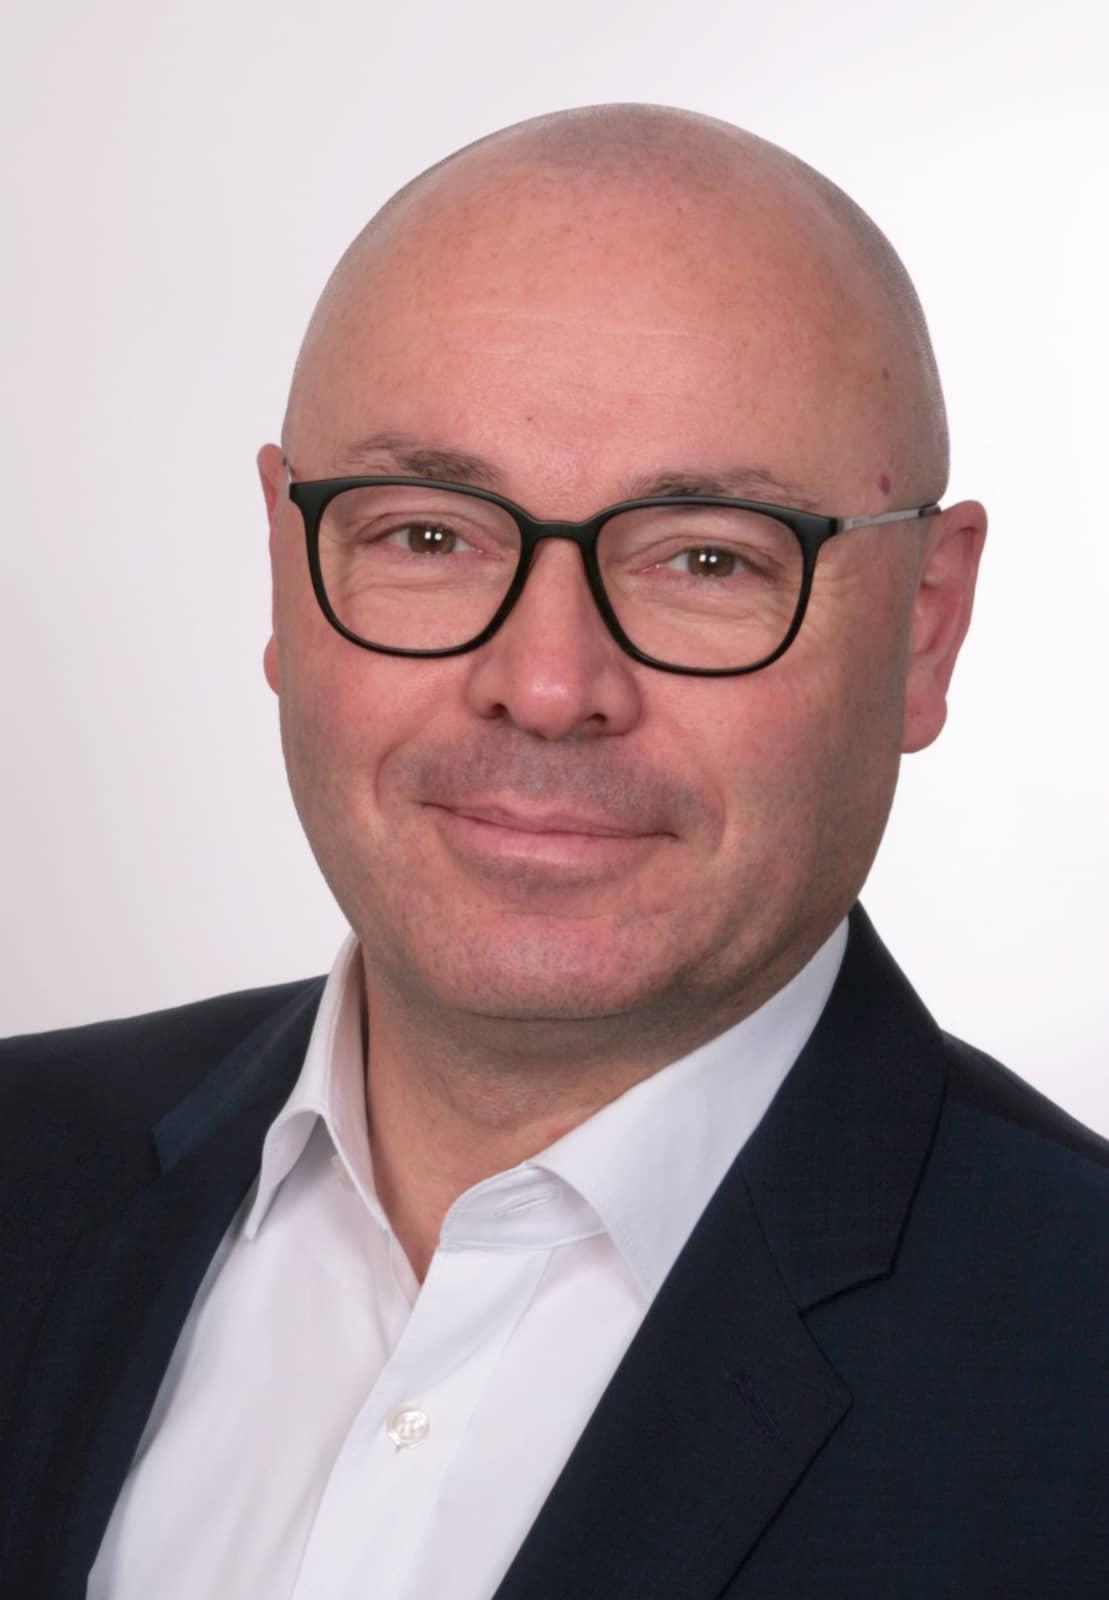 Roland Wälde ist seit dem 1. Dezember 2019 Director Product Management & Pricing Northern Europe bei Beko Deutschland. Fotos: Beko